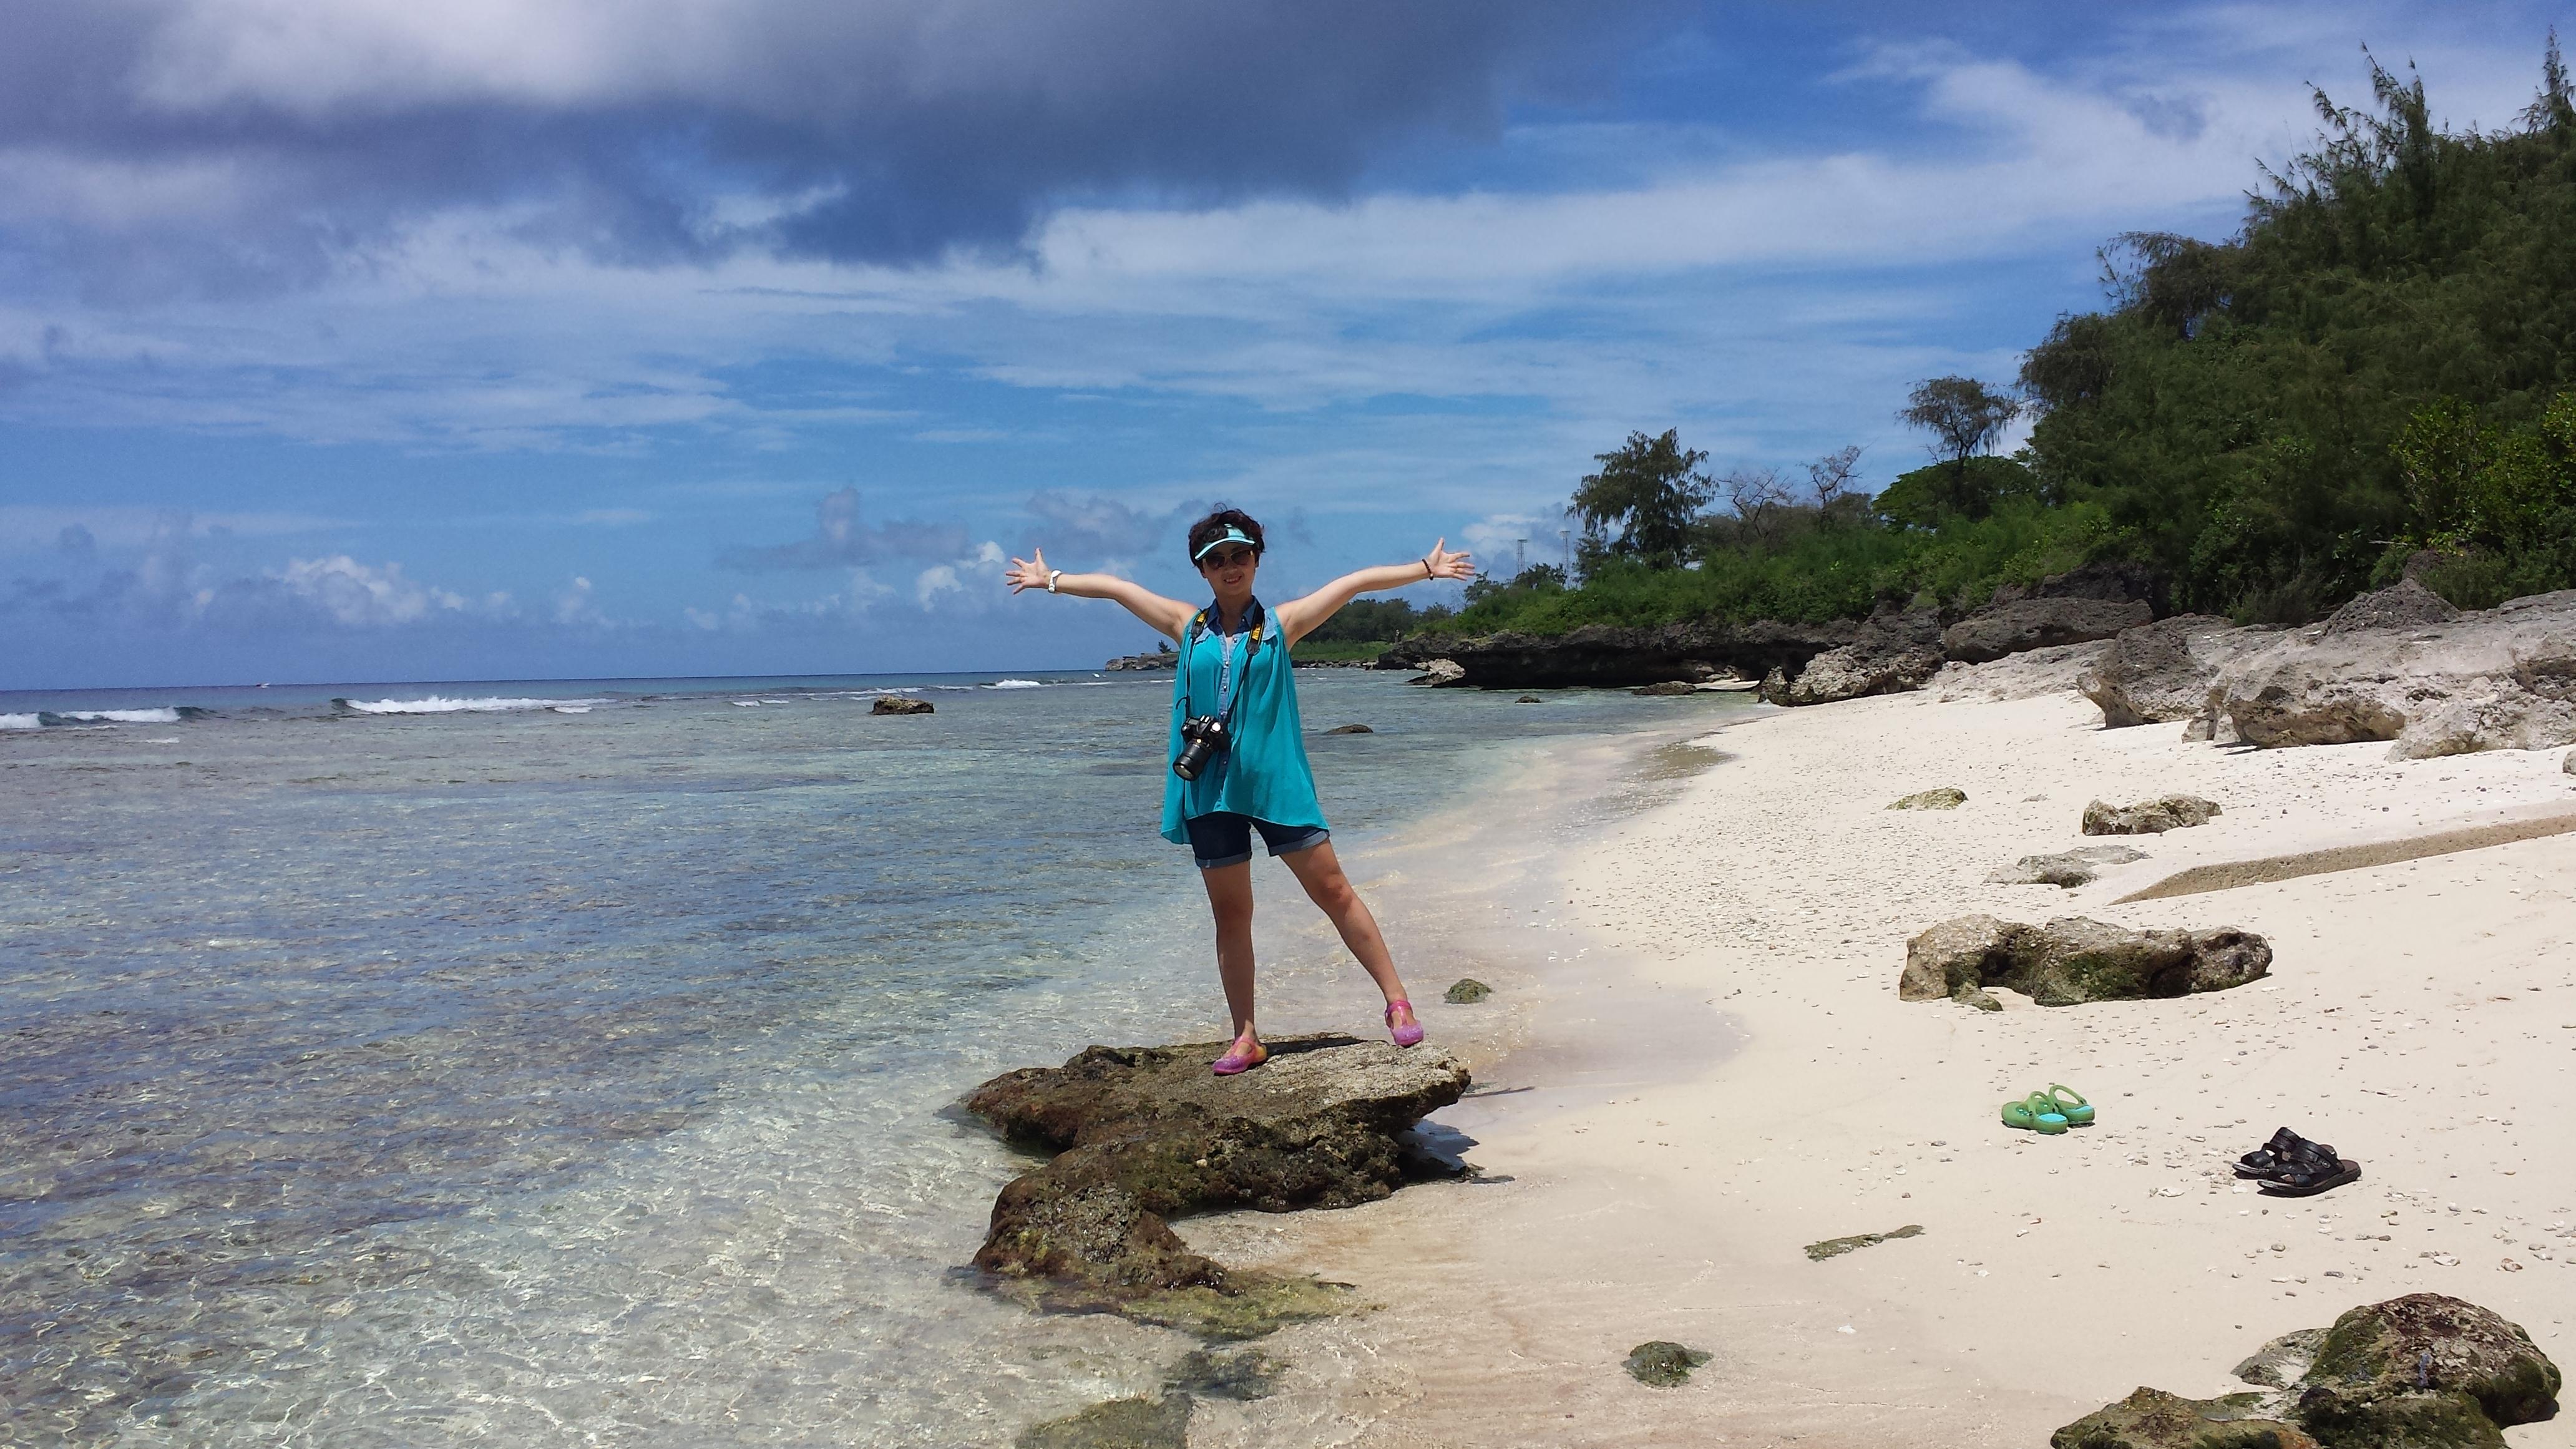 巴厘岛普吉岛塞班岛苏梅岛哪个好塞班和普及开发的都比较发达,巴厘岛